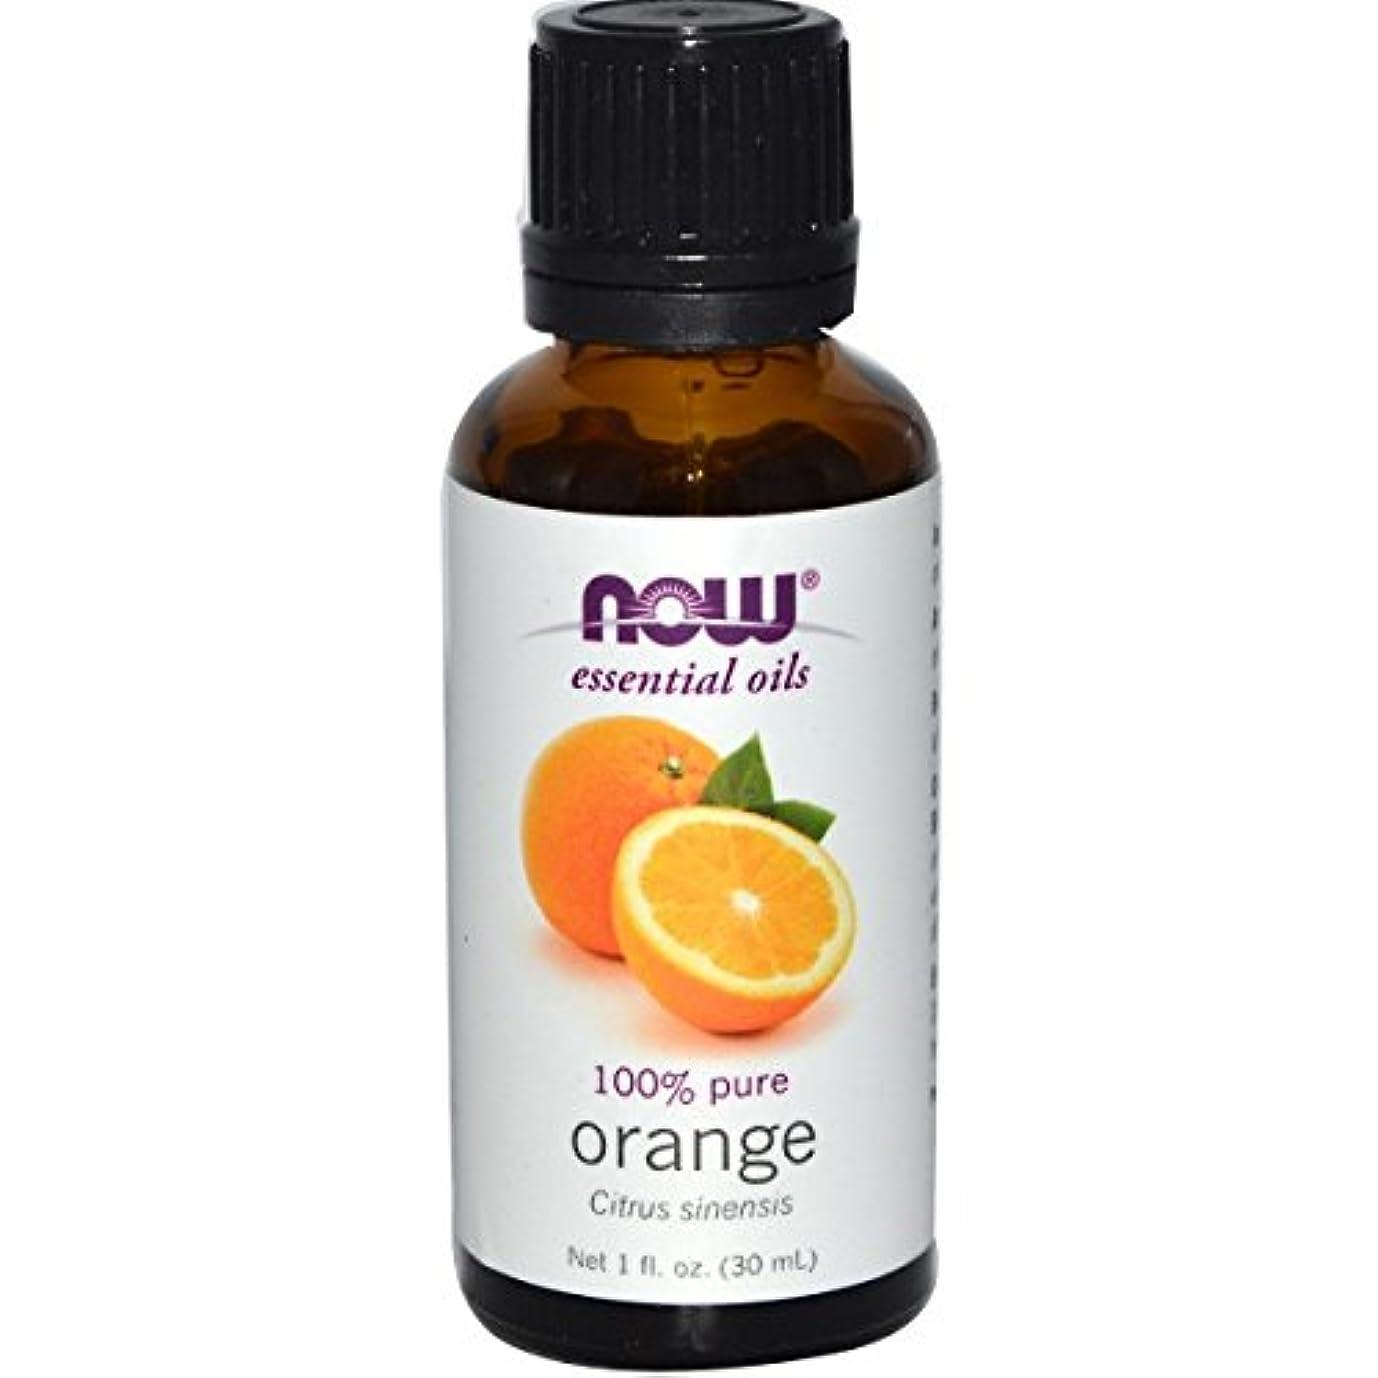 物理連続的奇妙なNOWエッセンシャルオイル オレンジ精油 アロマオイル 30ml 【正規輸入品】